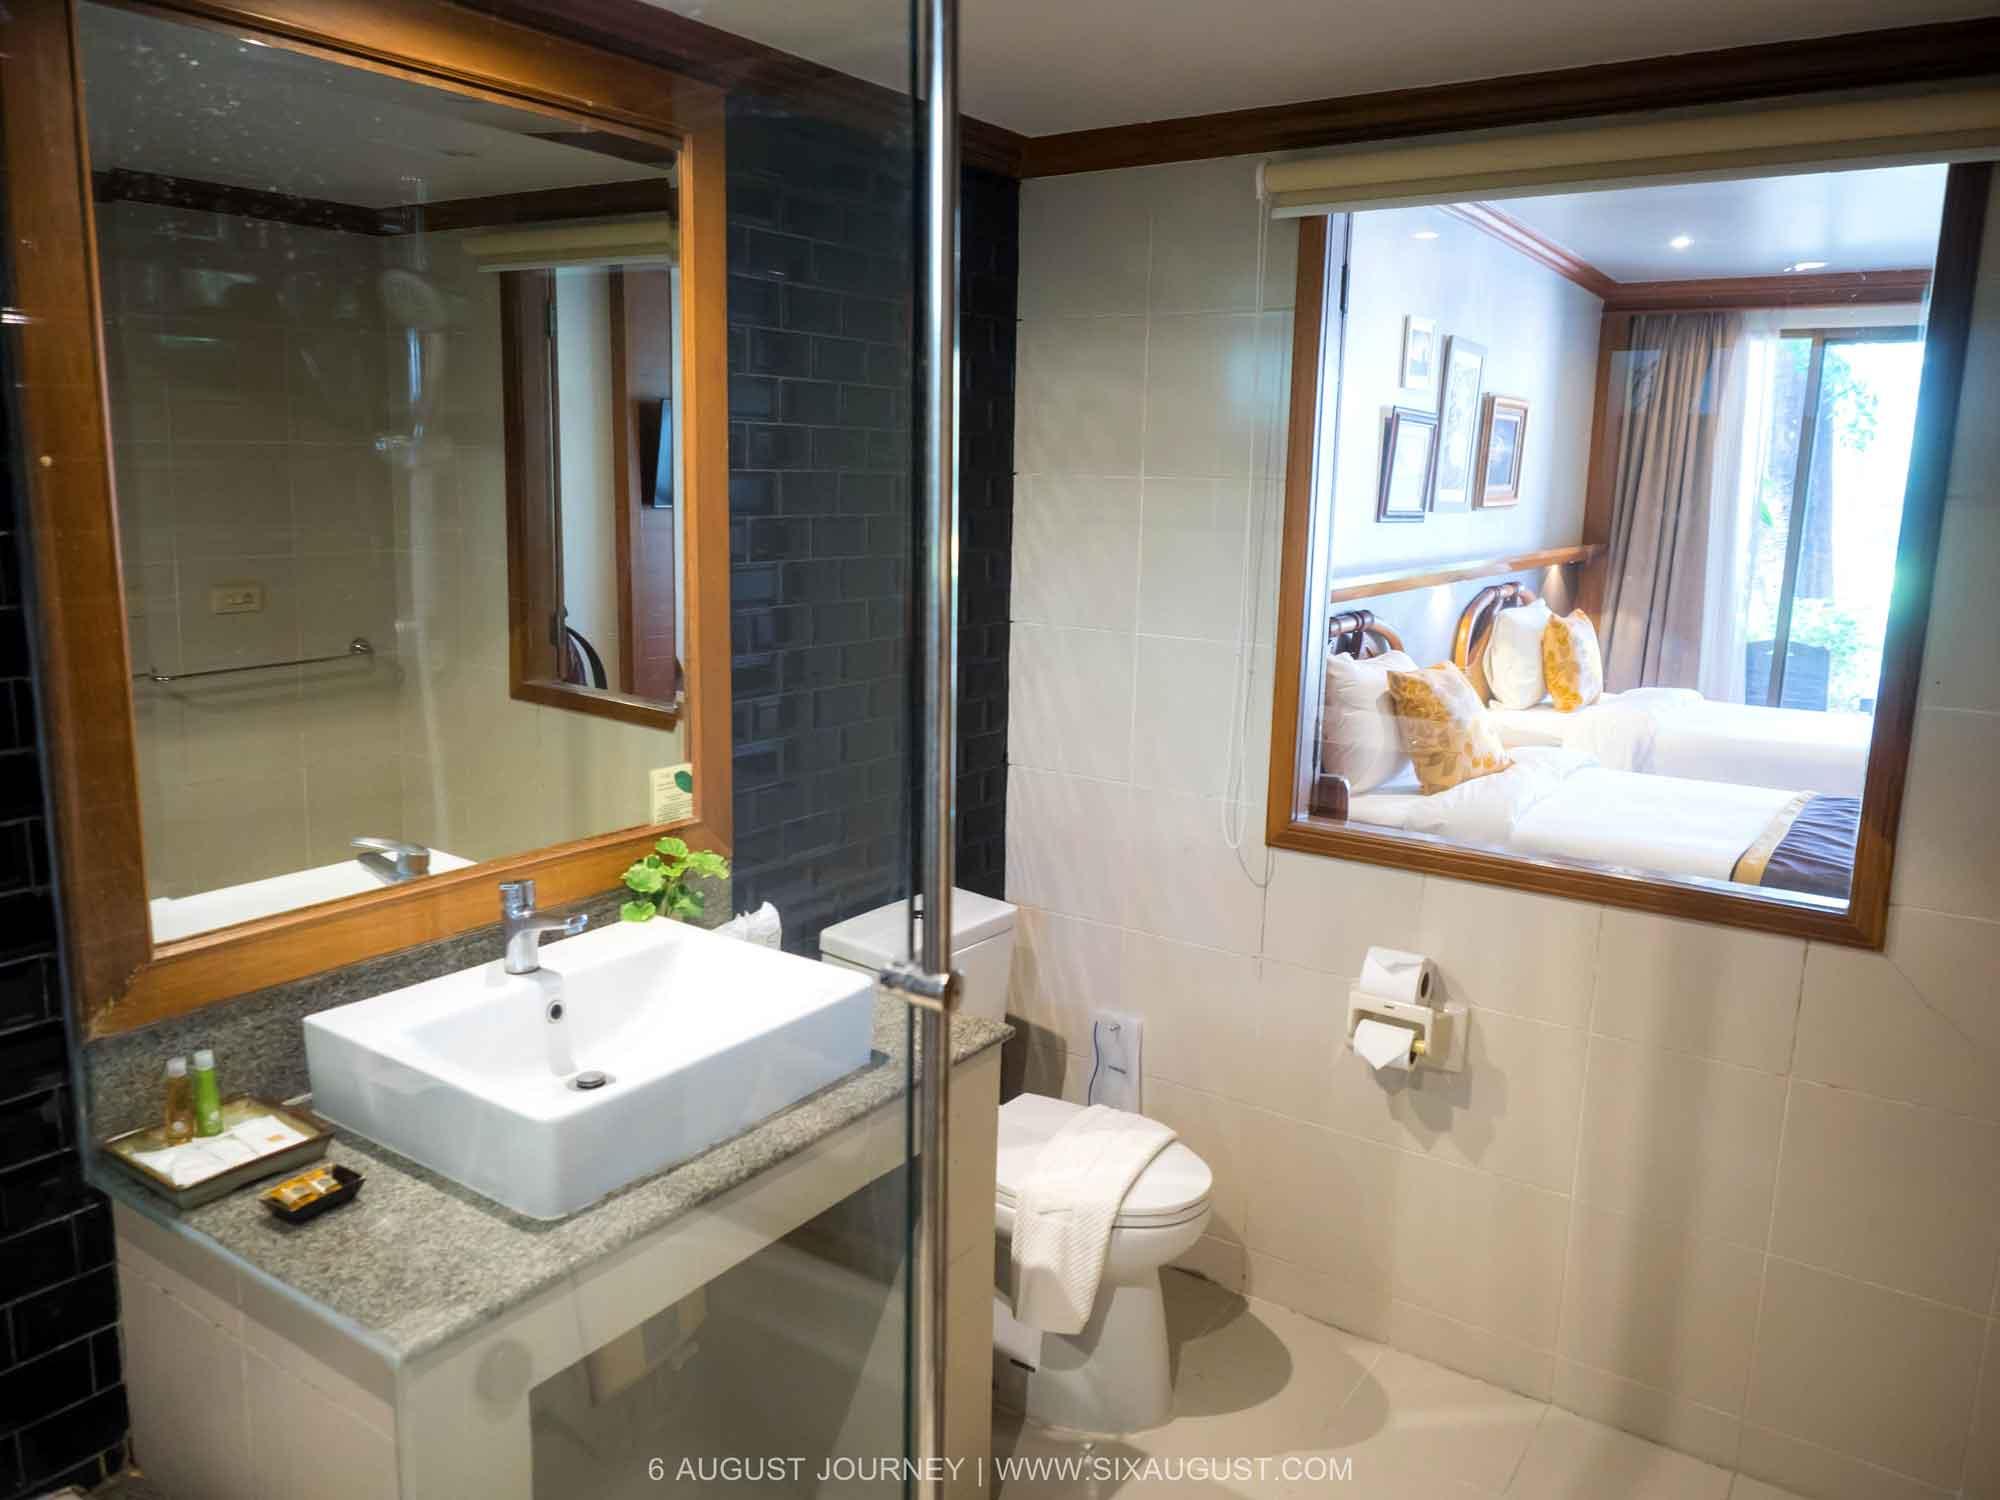 ห้องน้ำ คำแสด กาญจนบุรี